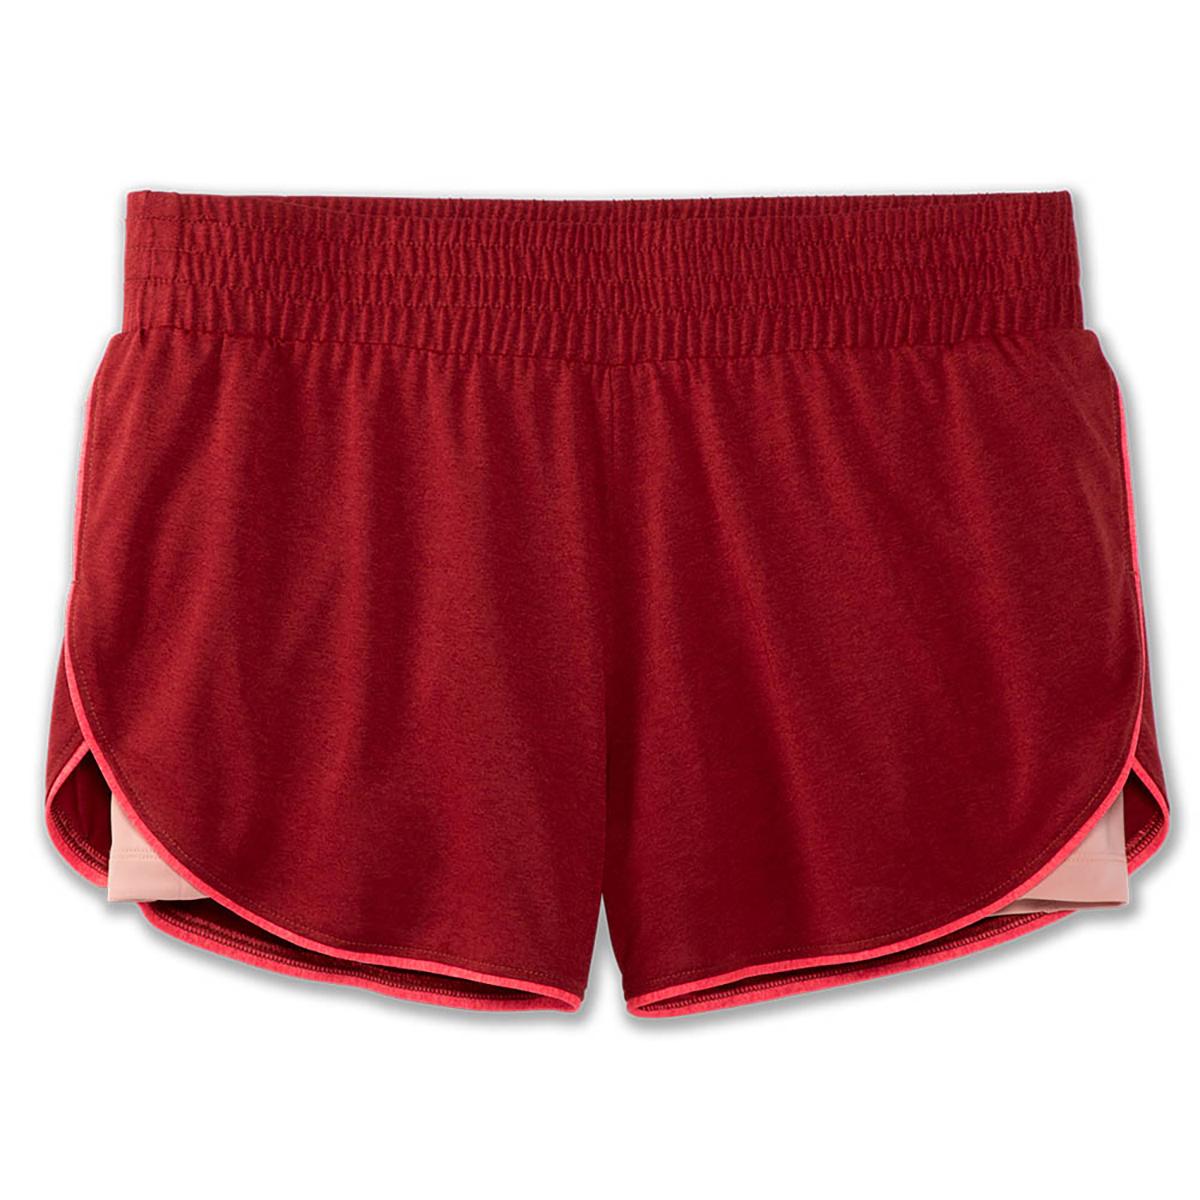 """Women's Brooks Rep 3"""" 2-In-1 Short  - Color: Heather Beet/Hot Pink - Size: XS, Heather Beet/Hot Pink, large, image 2"""